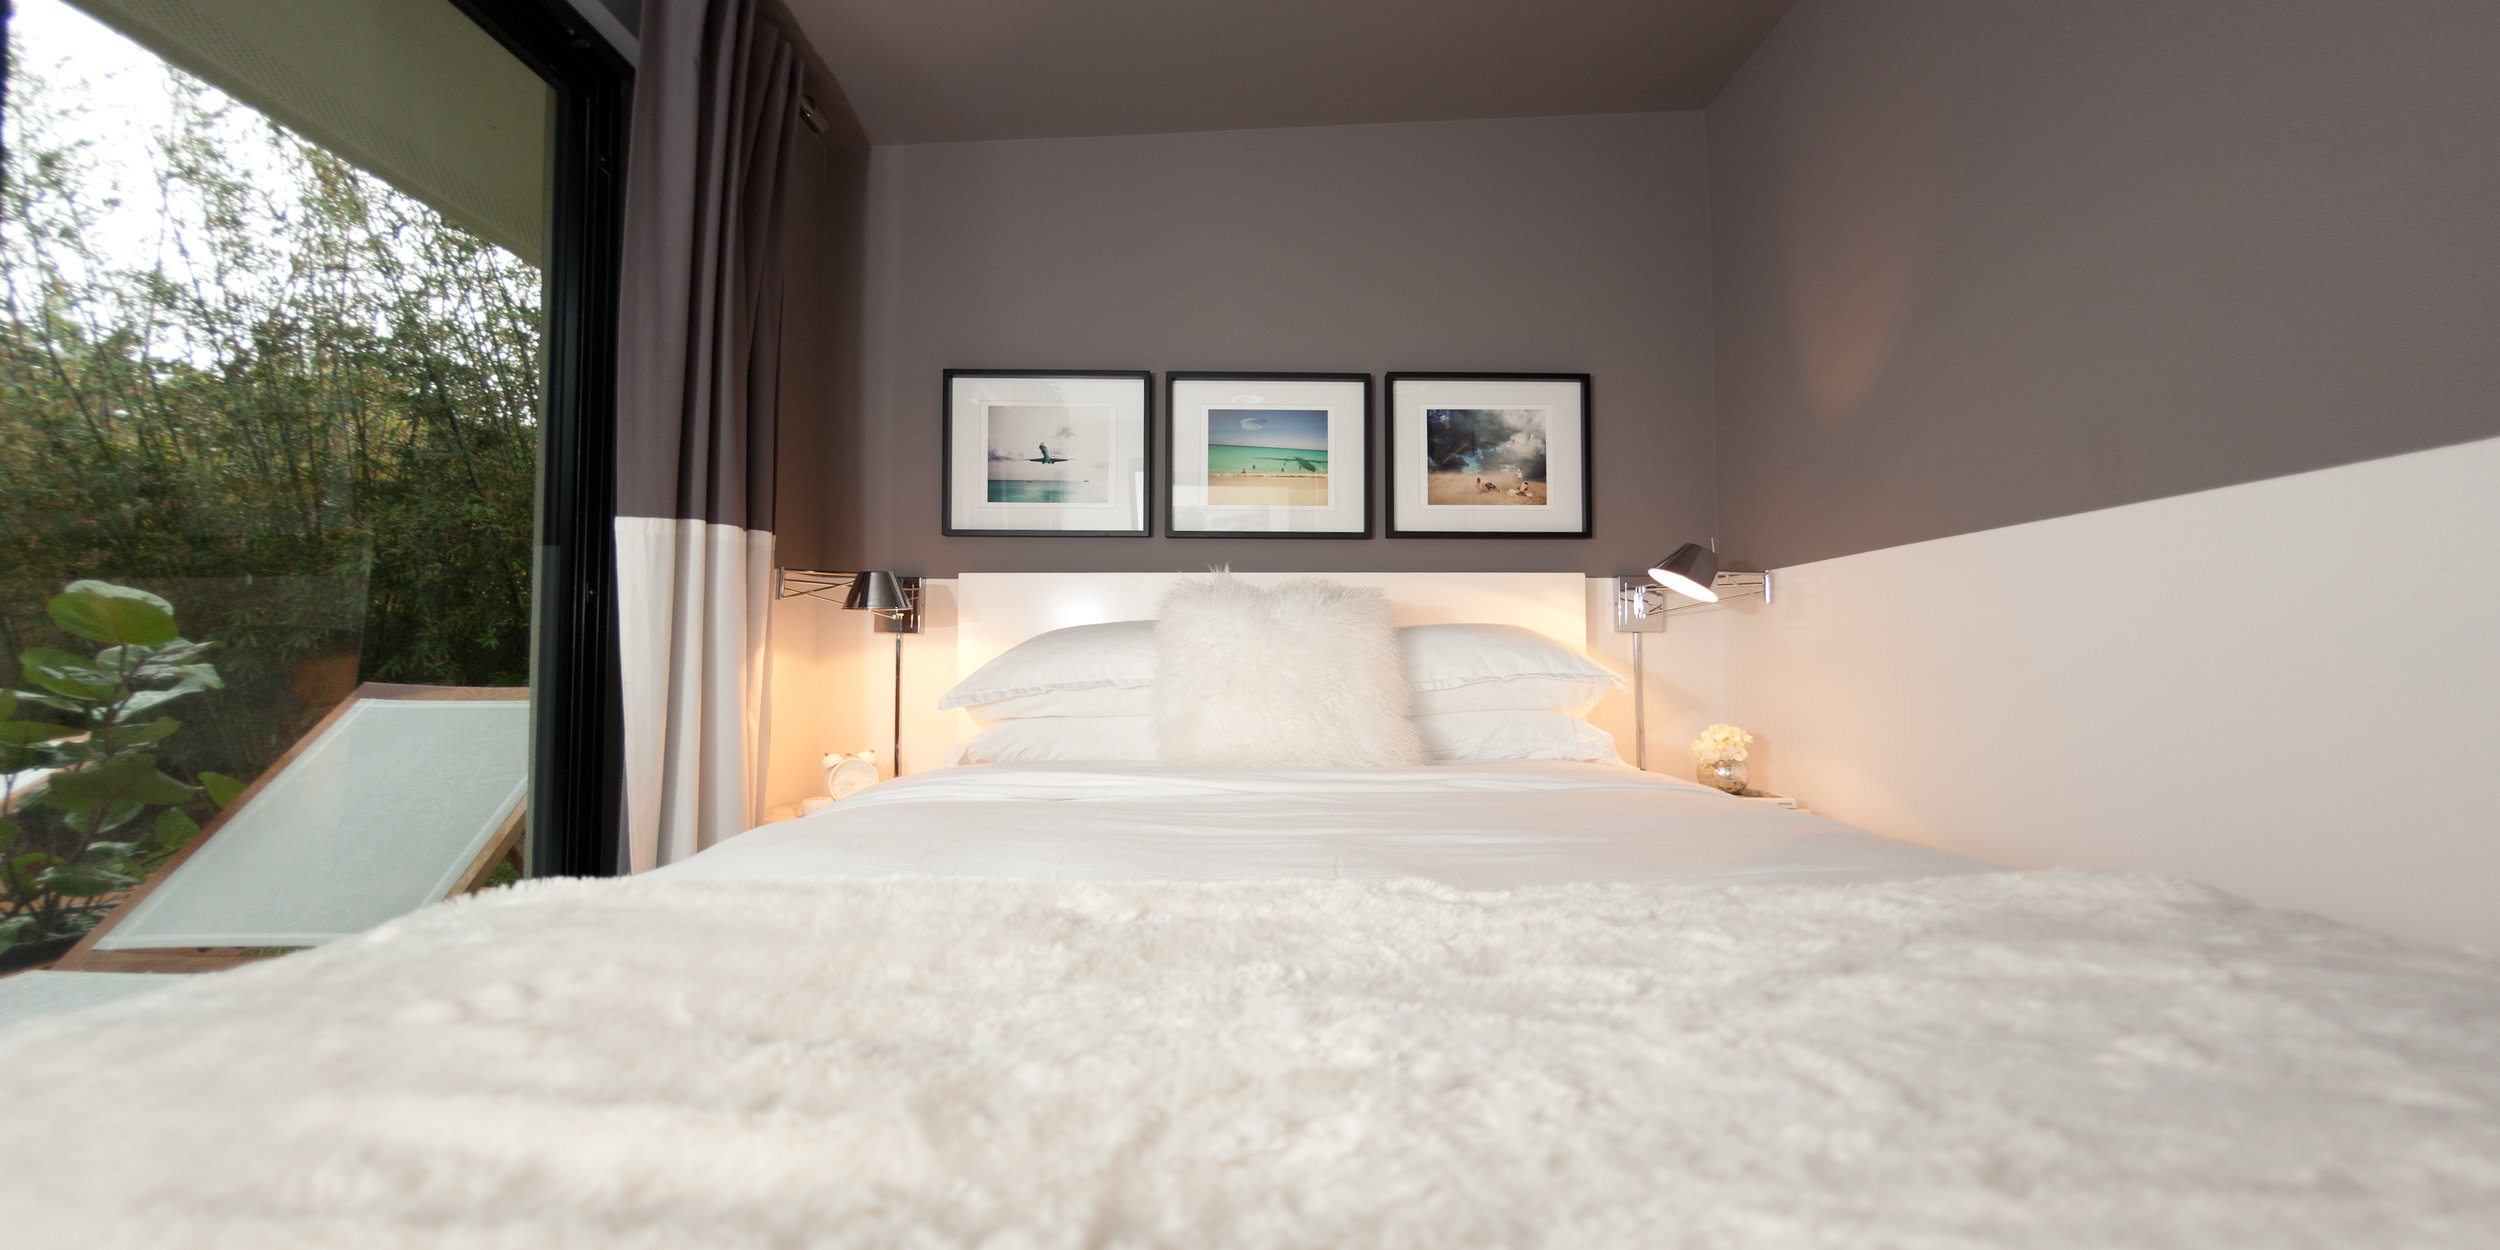 Marconi_guest room-dsc_8510.jpg